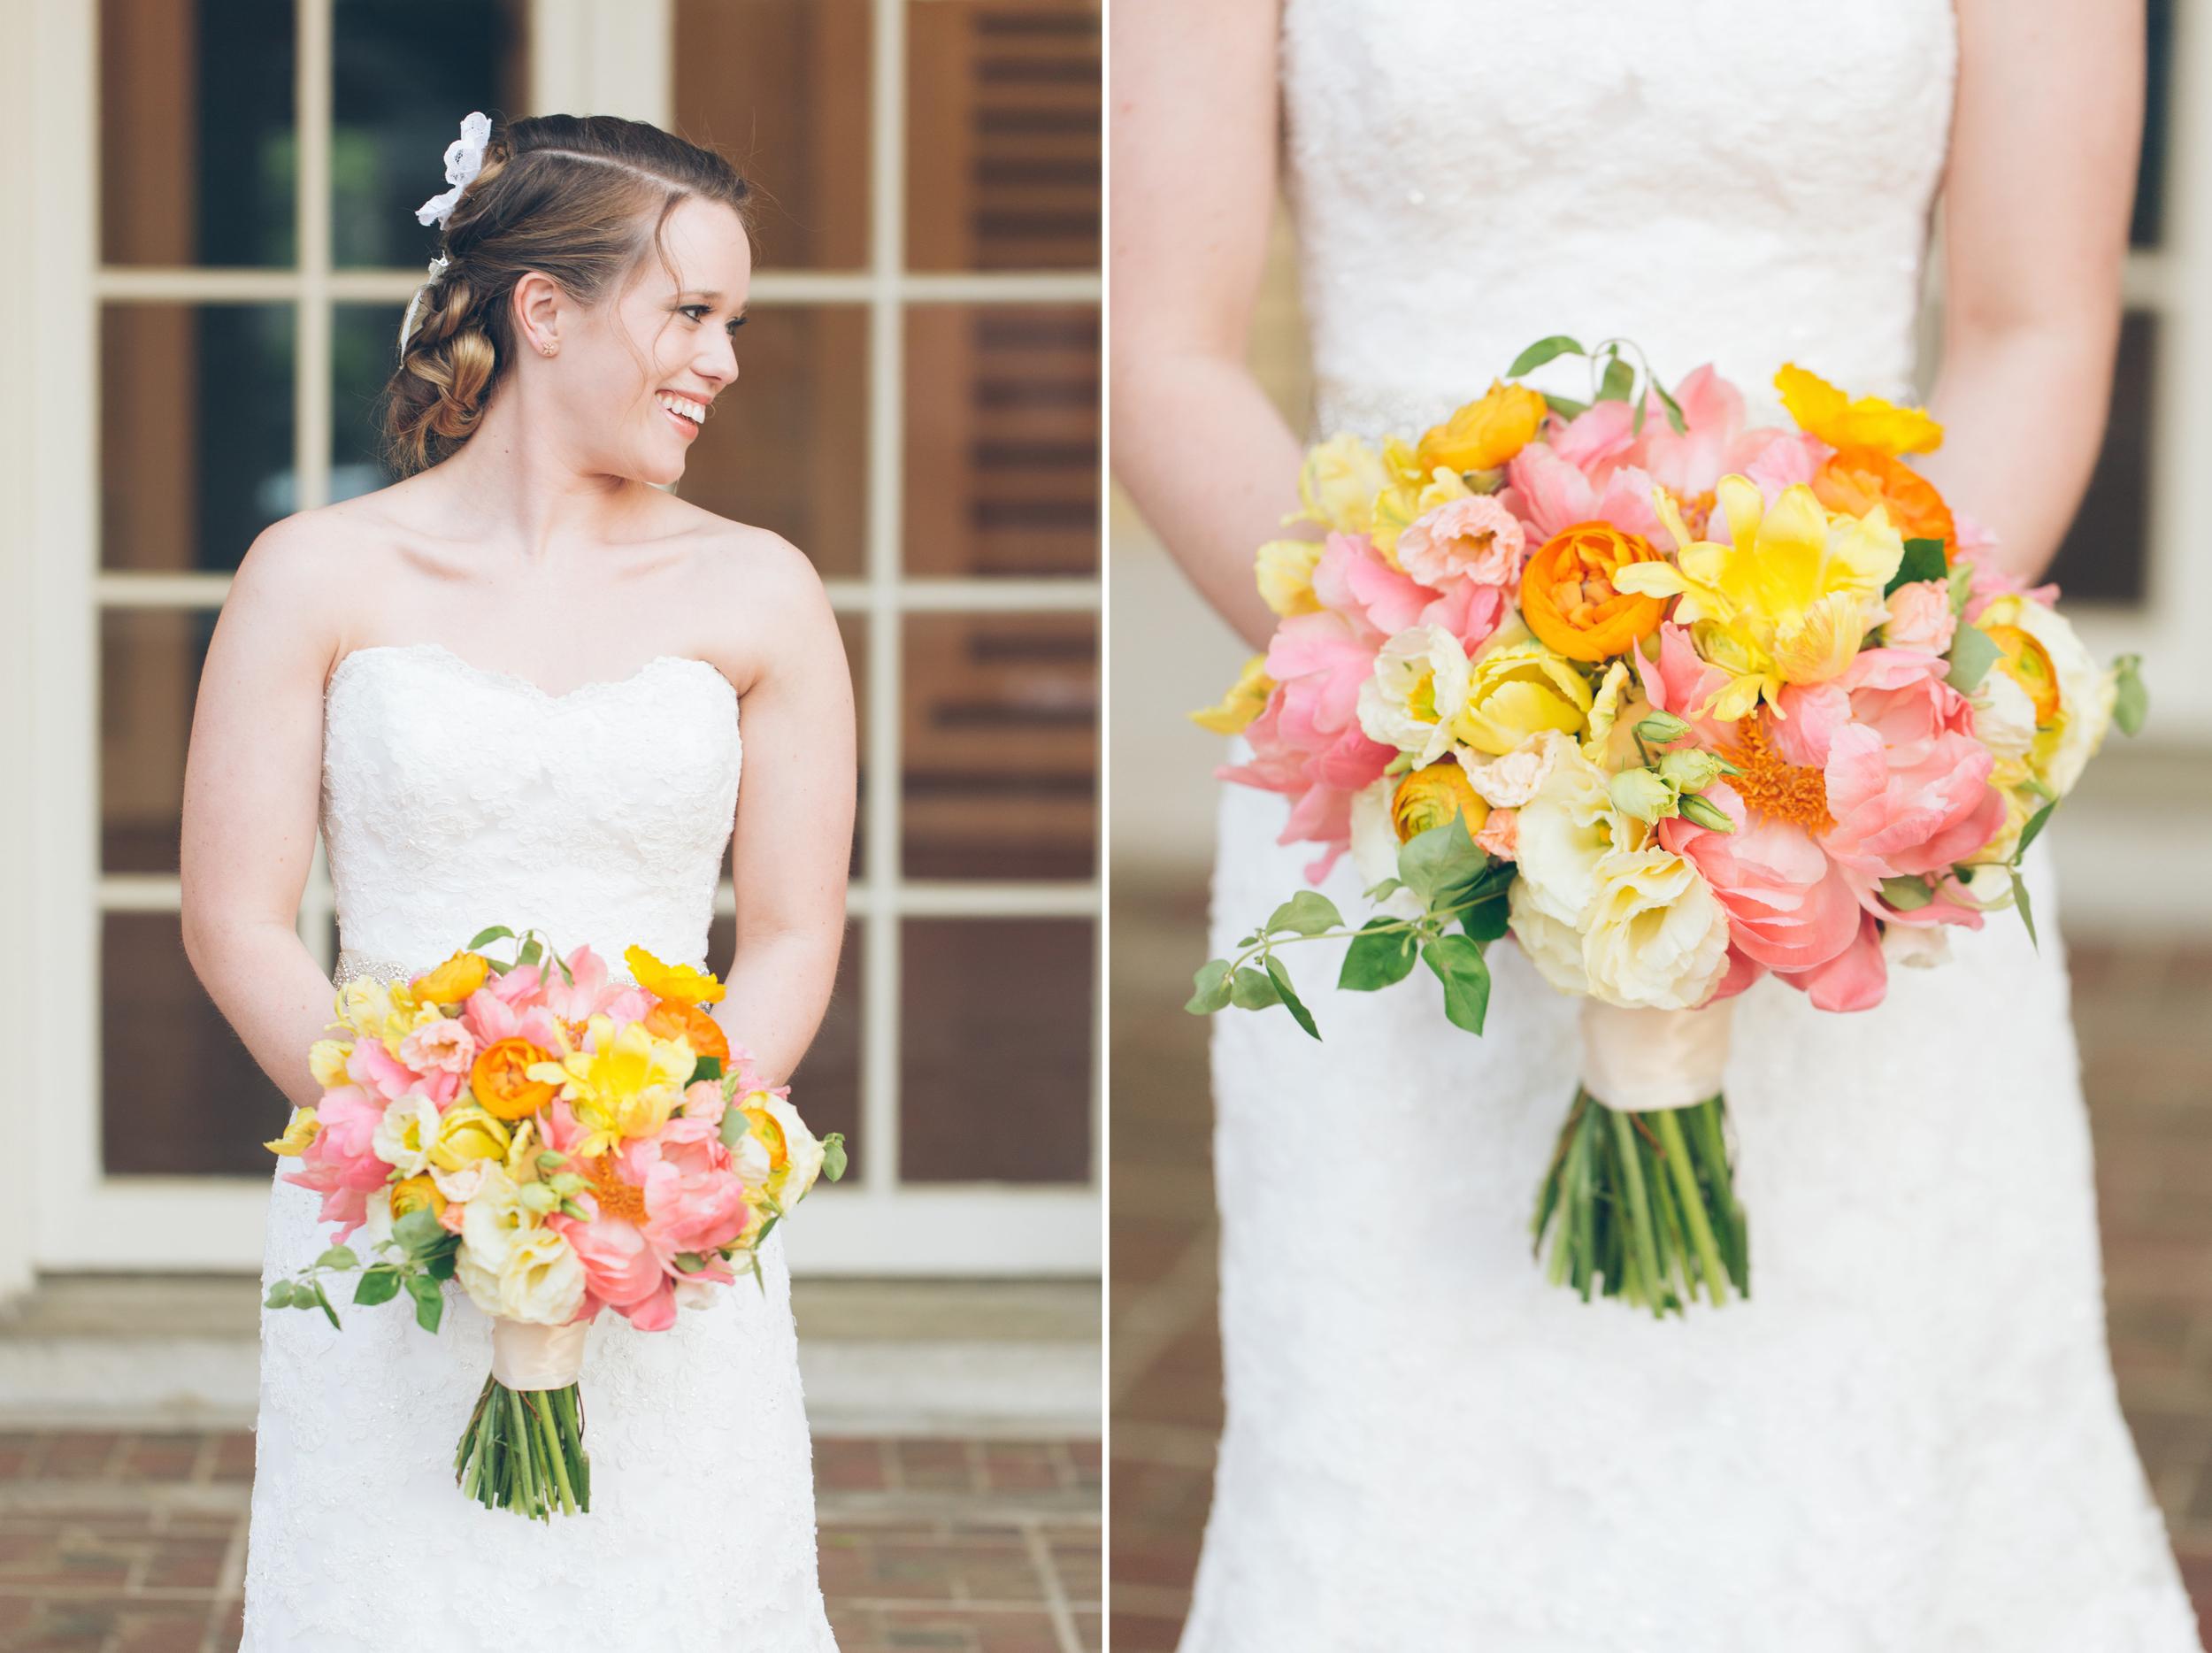 TGH - Bridal Portrait 2 - Taylor Fenig